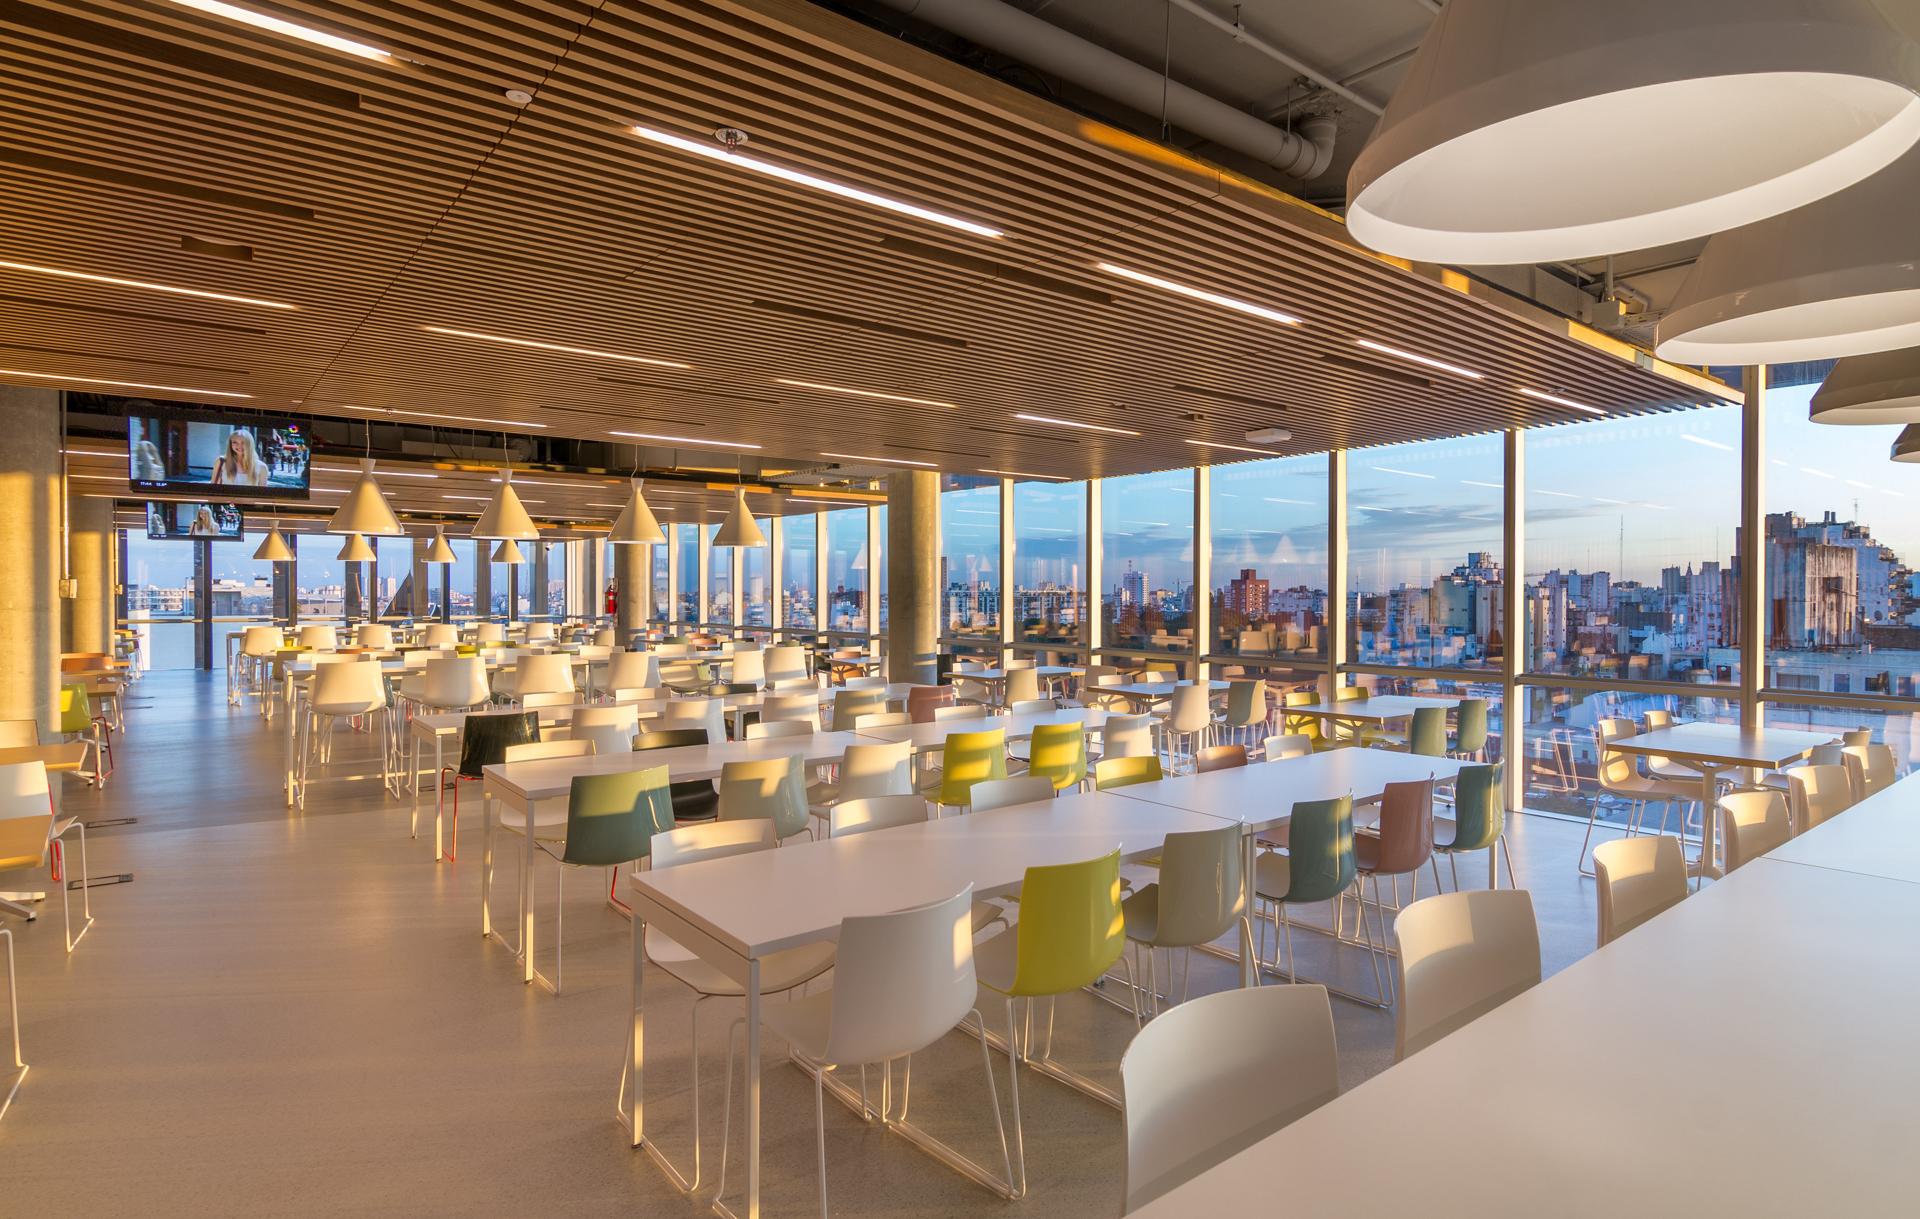 El comedor para empleados, ubicado en el piso once, tiene capacidad para 600 personas con una vista privilegiada de la ciudad.